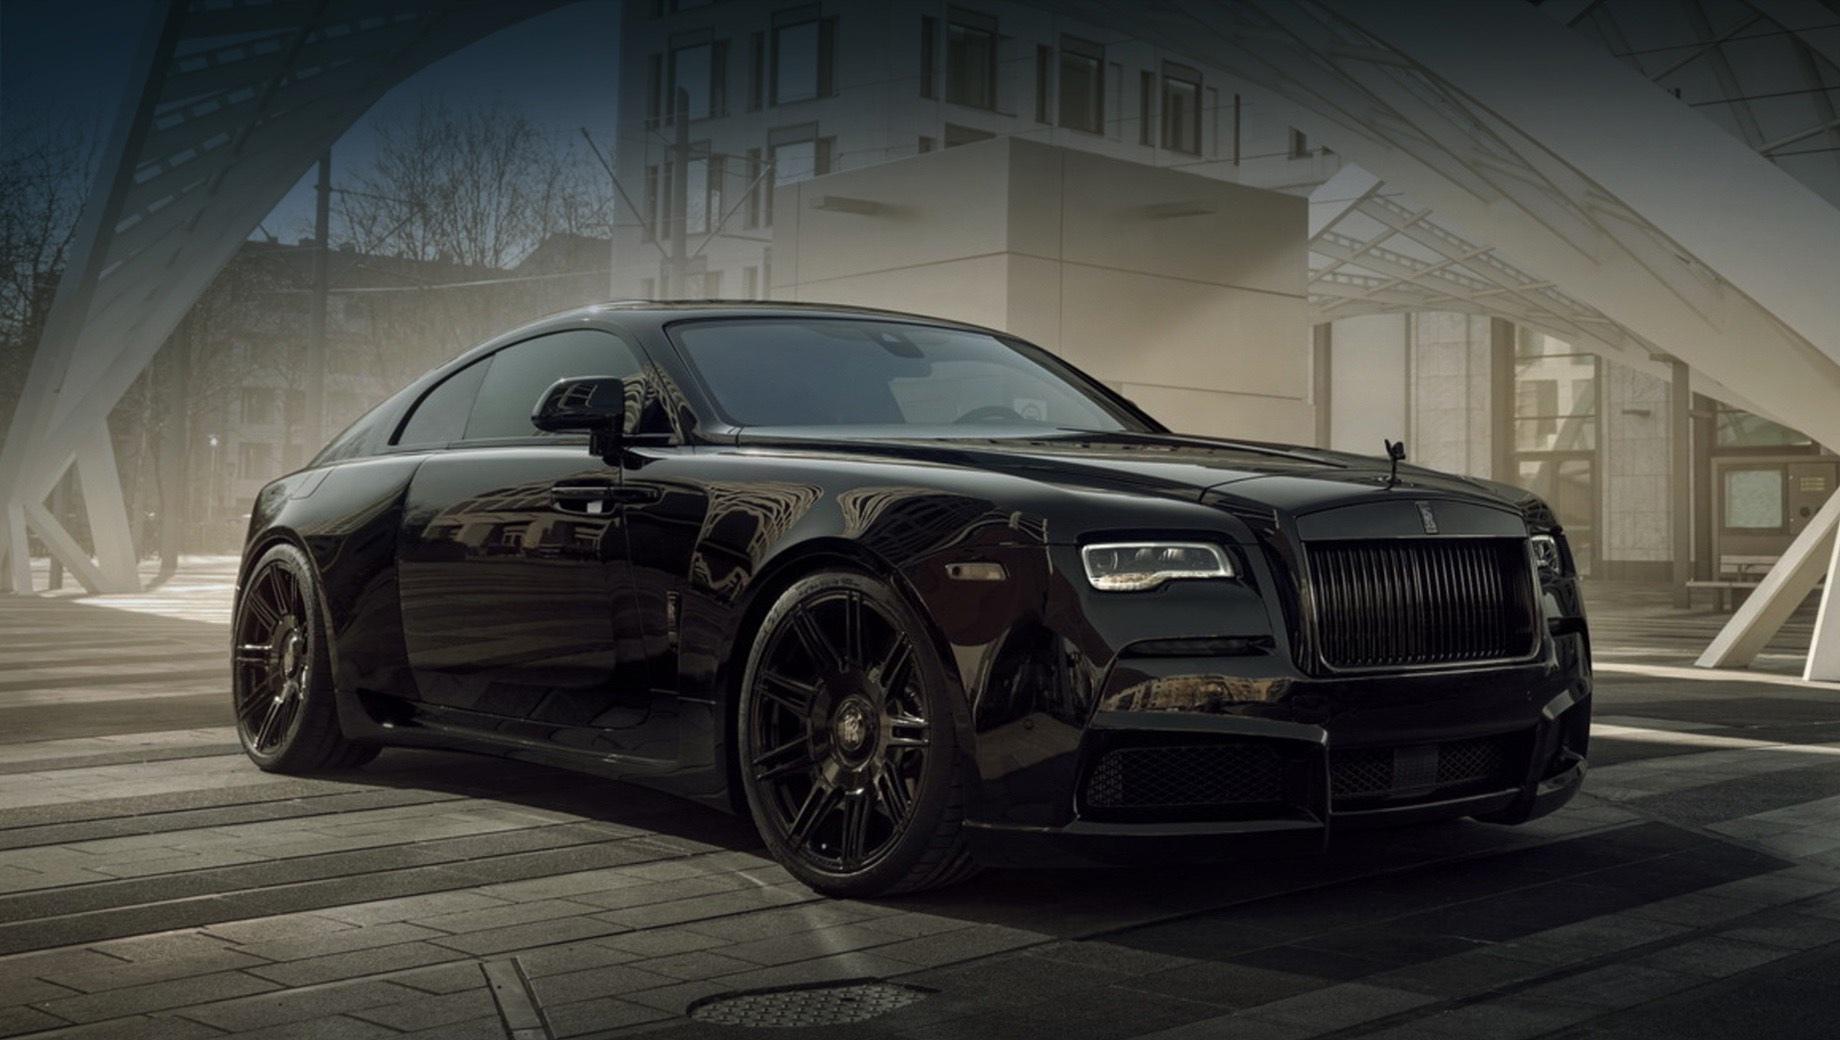 Rollsroyce wraith,Rollsroyce wraith black badge. Даже без вмешательства специалистов фирмы Spofec двухдверка Wraith — очень редкий автомобиль. Например, в 2020 году на европейском рынке модель нашла 71 покупателя, а на российском — 46. И далеко не все из них относятся к серии Black Badge.